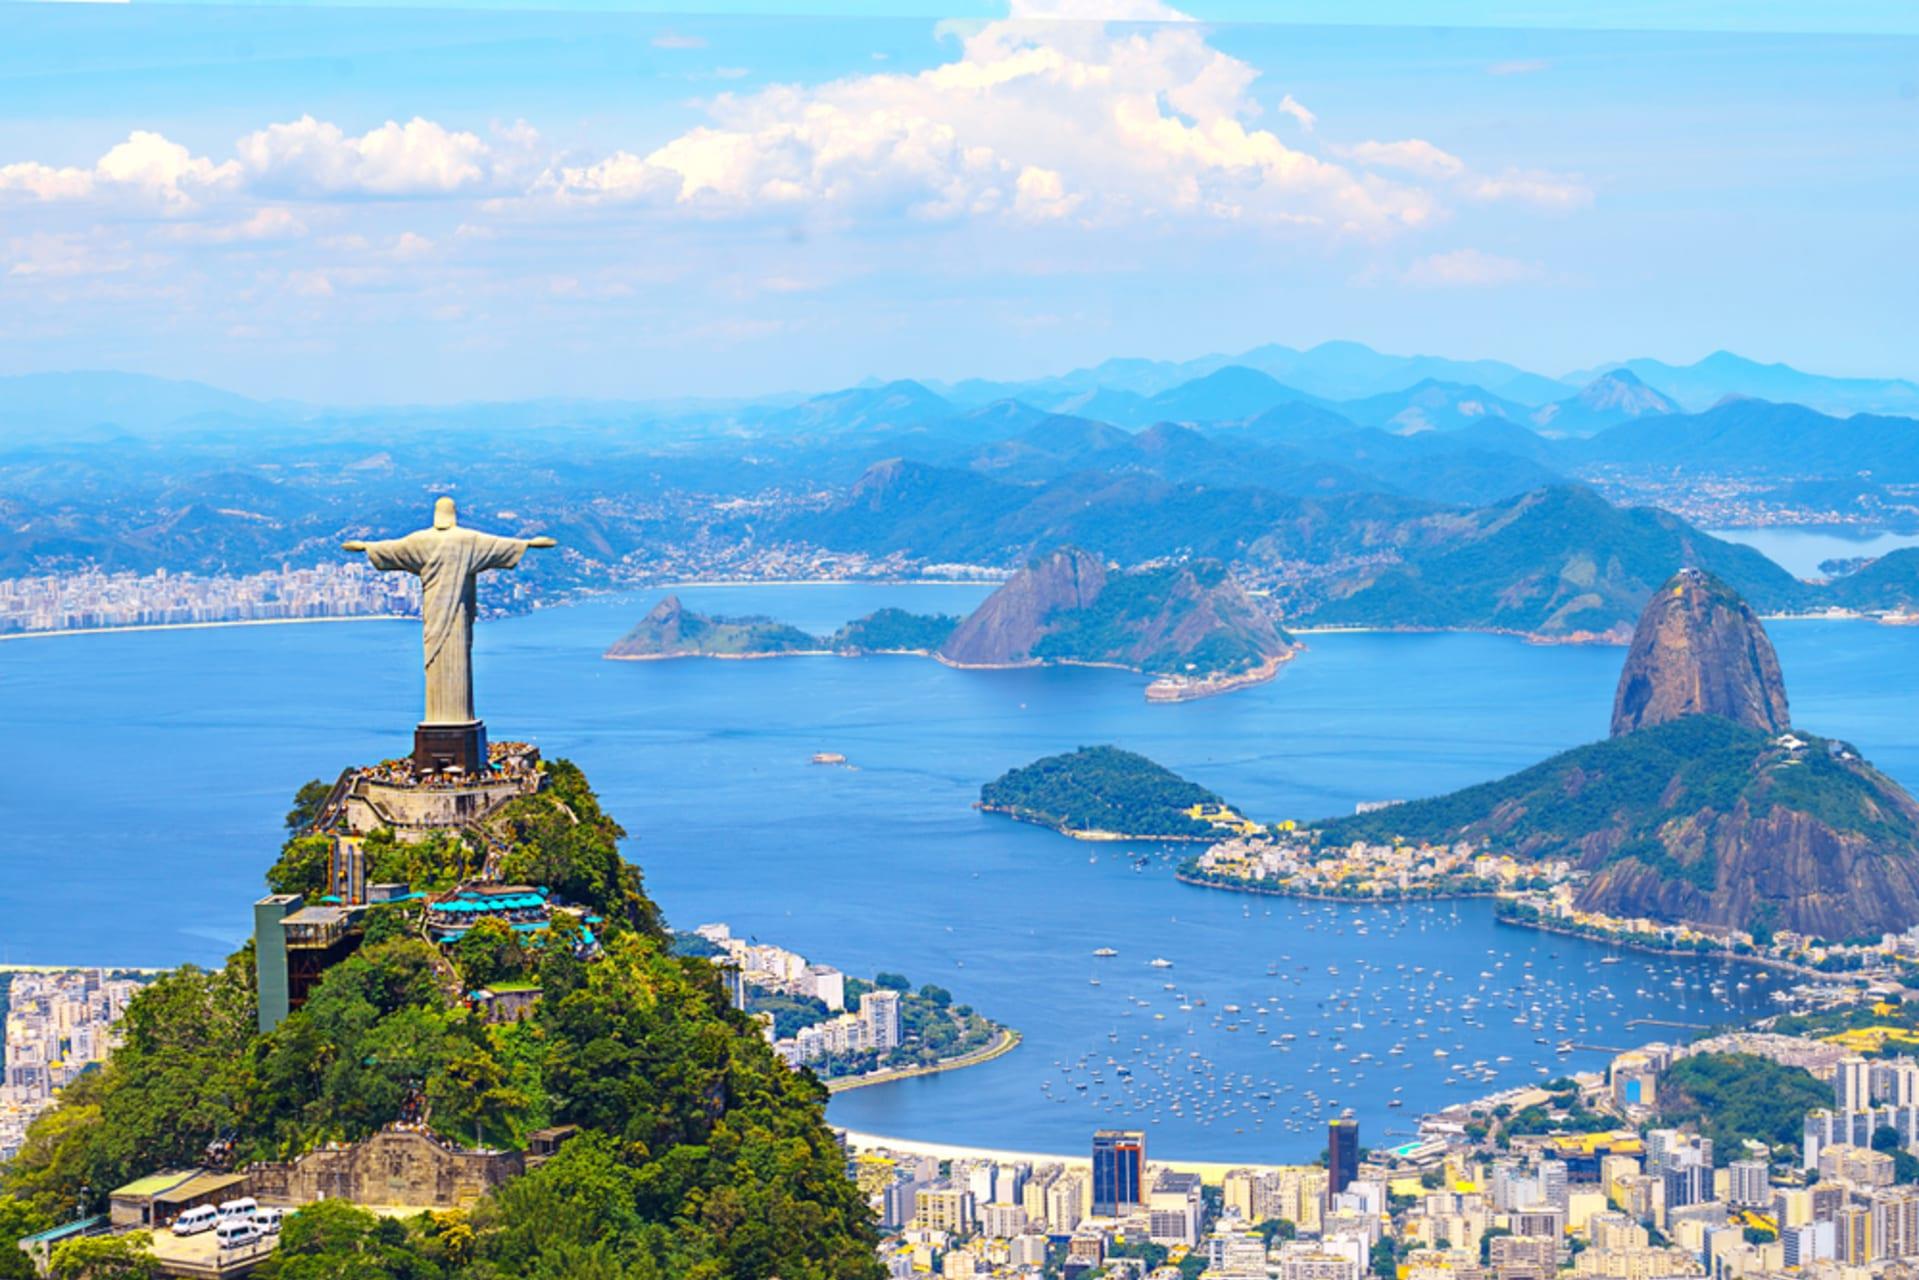 Rio de Janeiro cover image